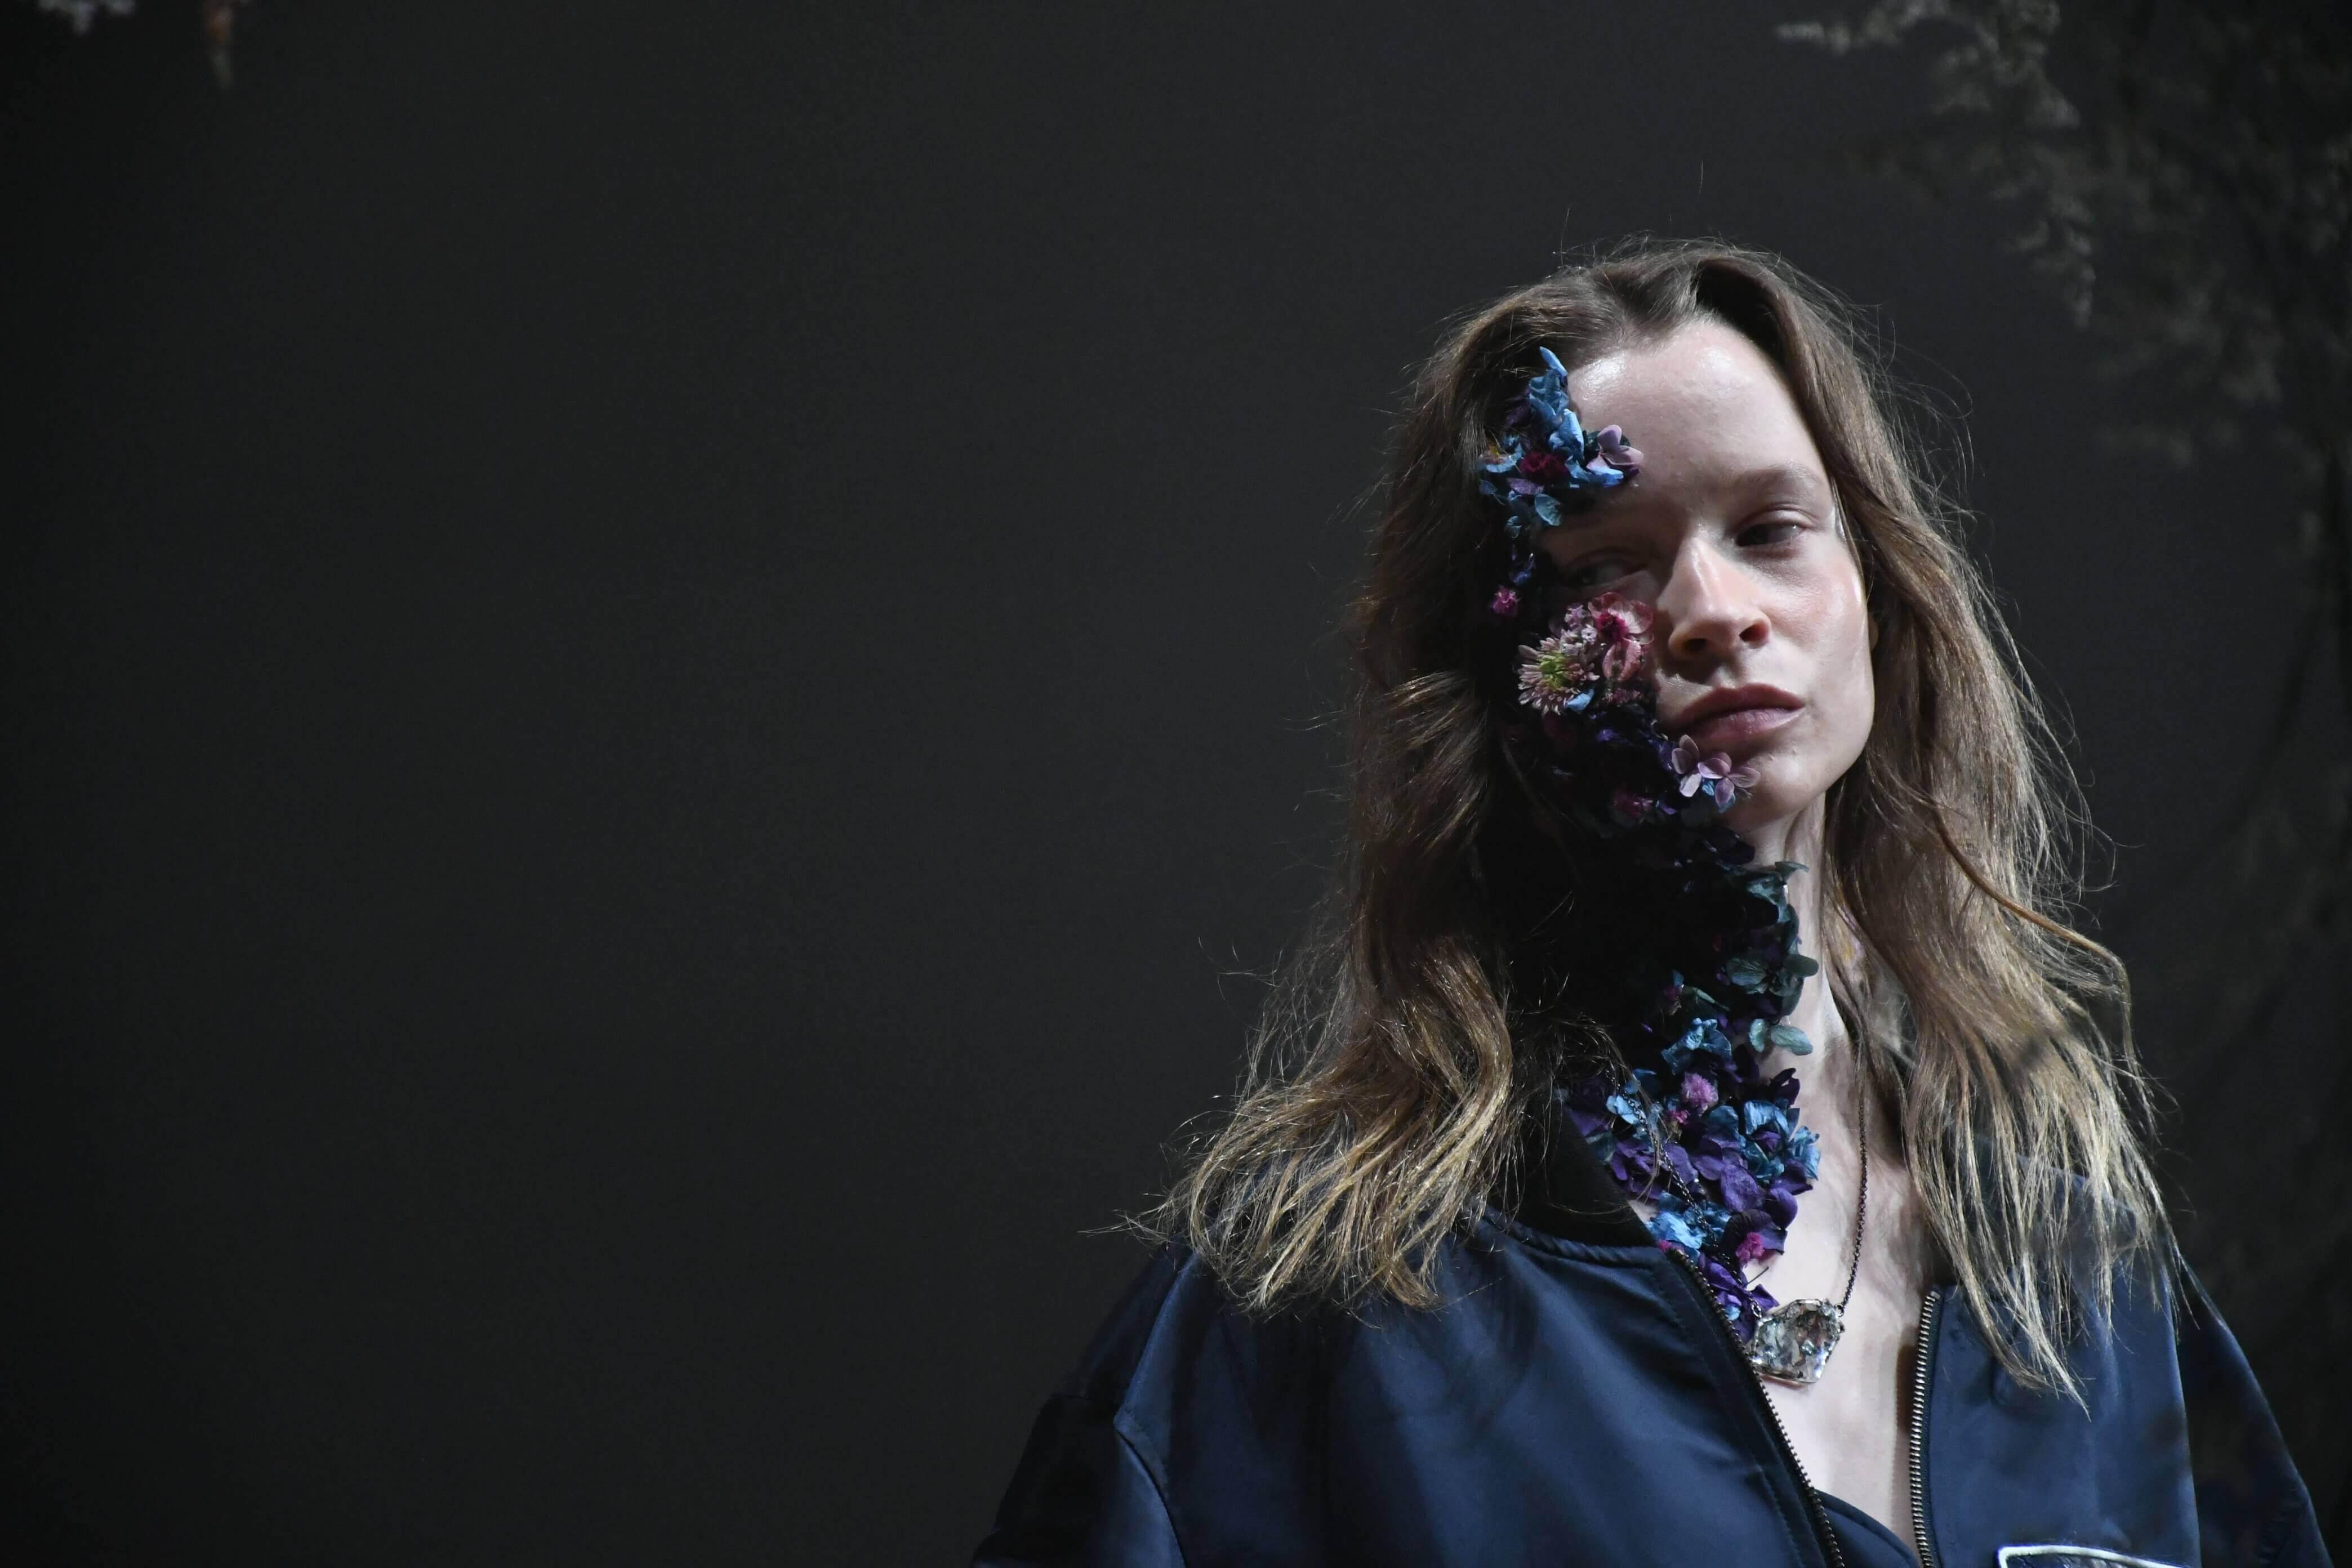 【学生団体】ファッションメディアサークル ADDmagazine 新メンバー募集のカバー写真